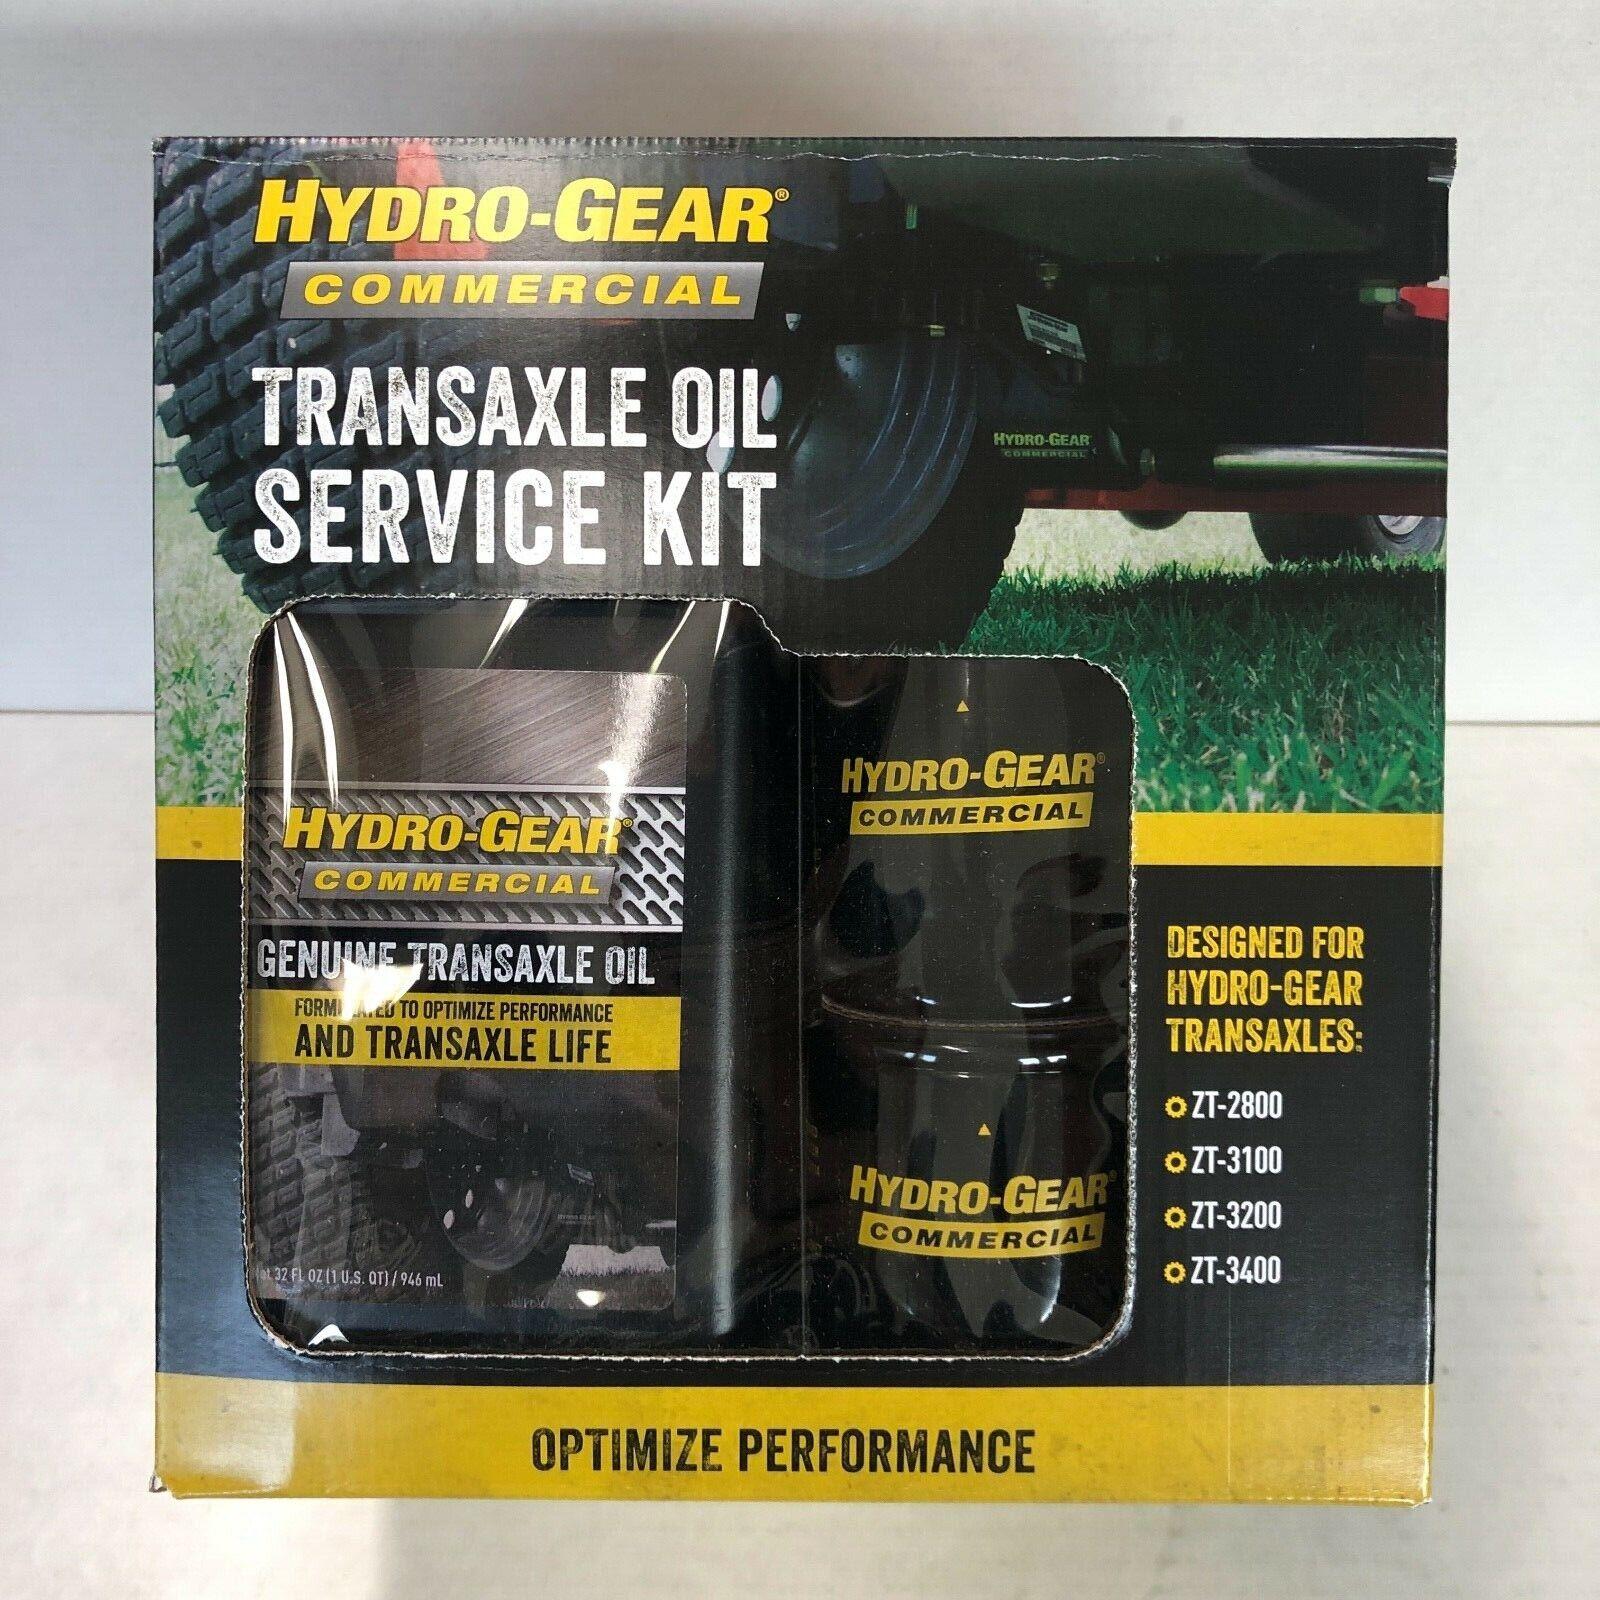 Hydro-Gear Transaxle Aceite Kit de servicio para ZT-2800, ZT-3100, ZT-3200 y ZT-34004